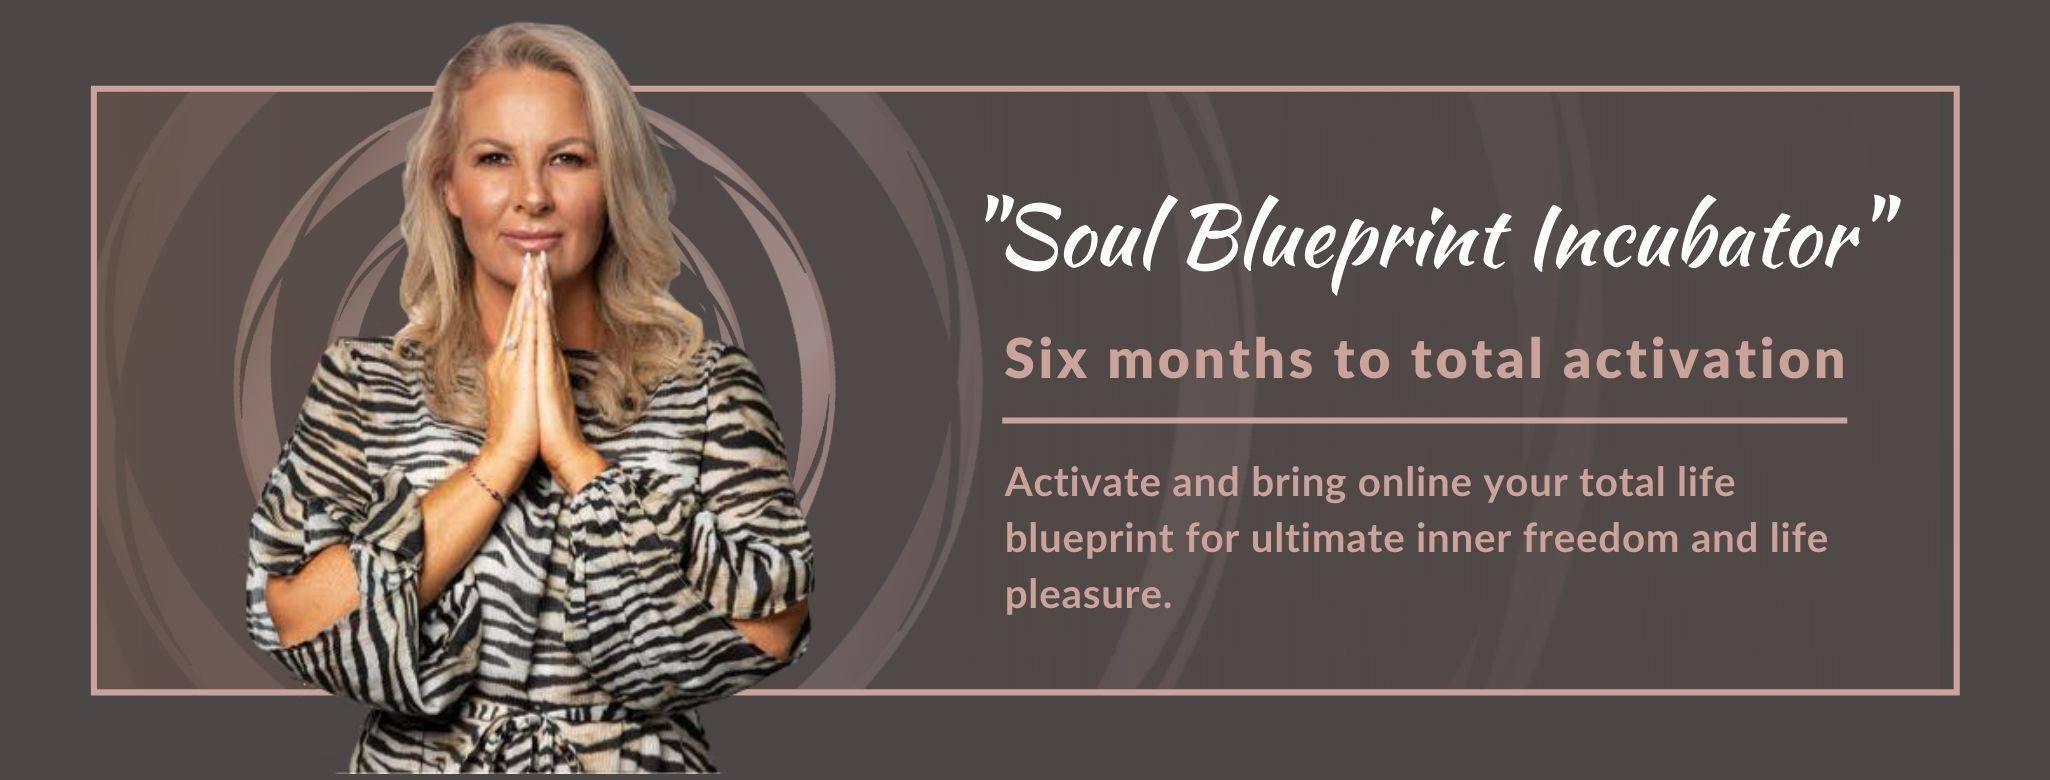 Soul Blueprint Incubator